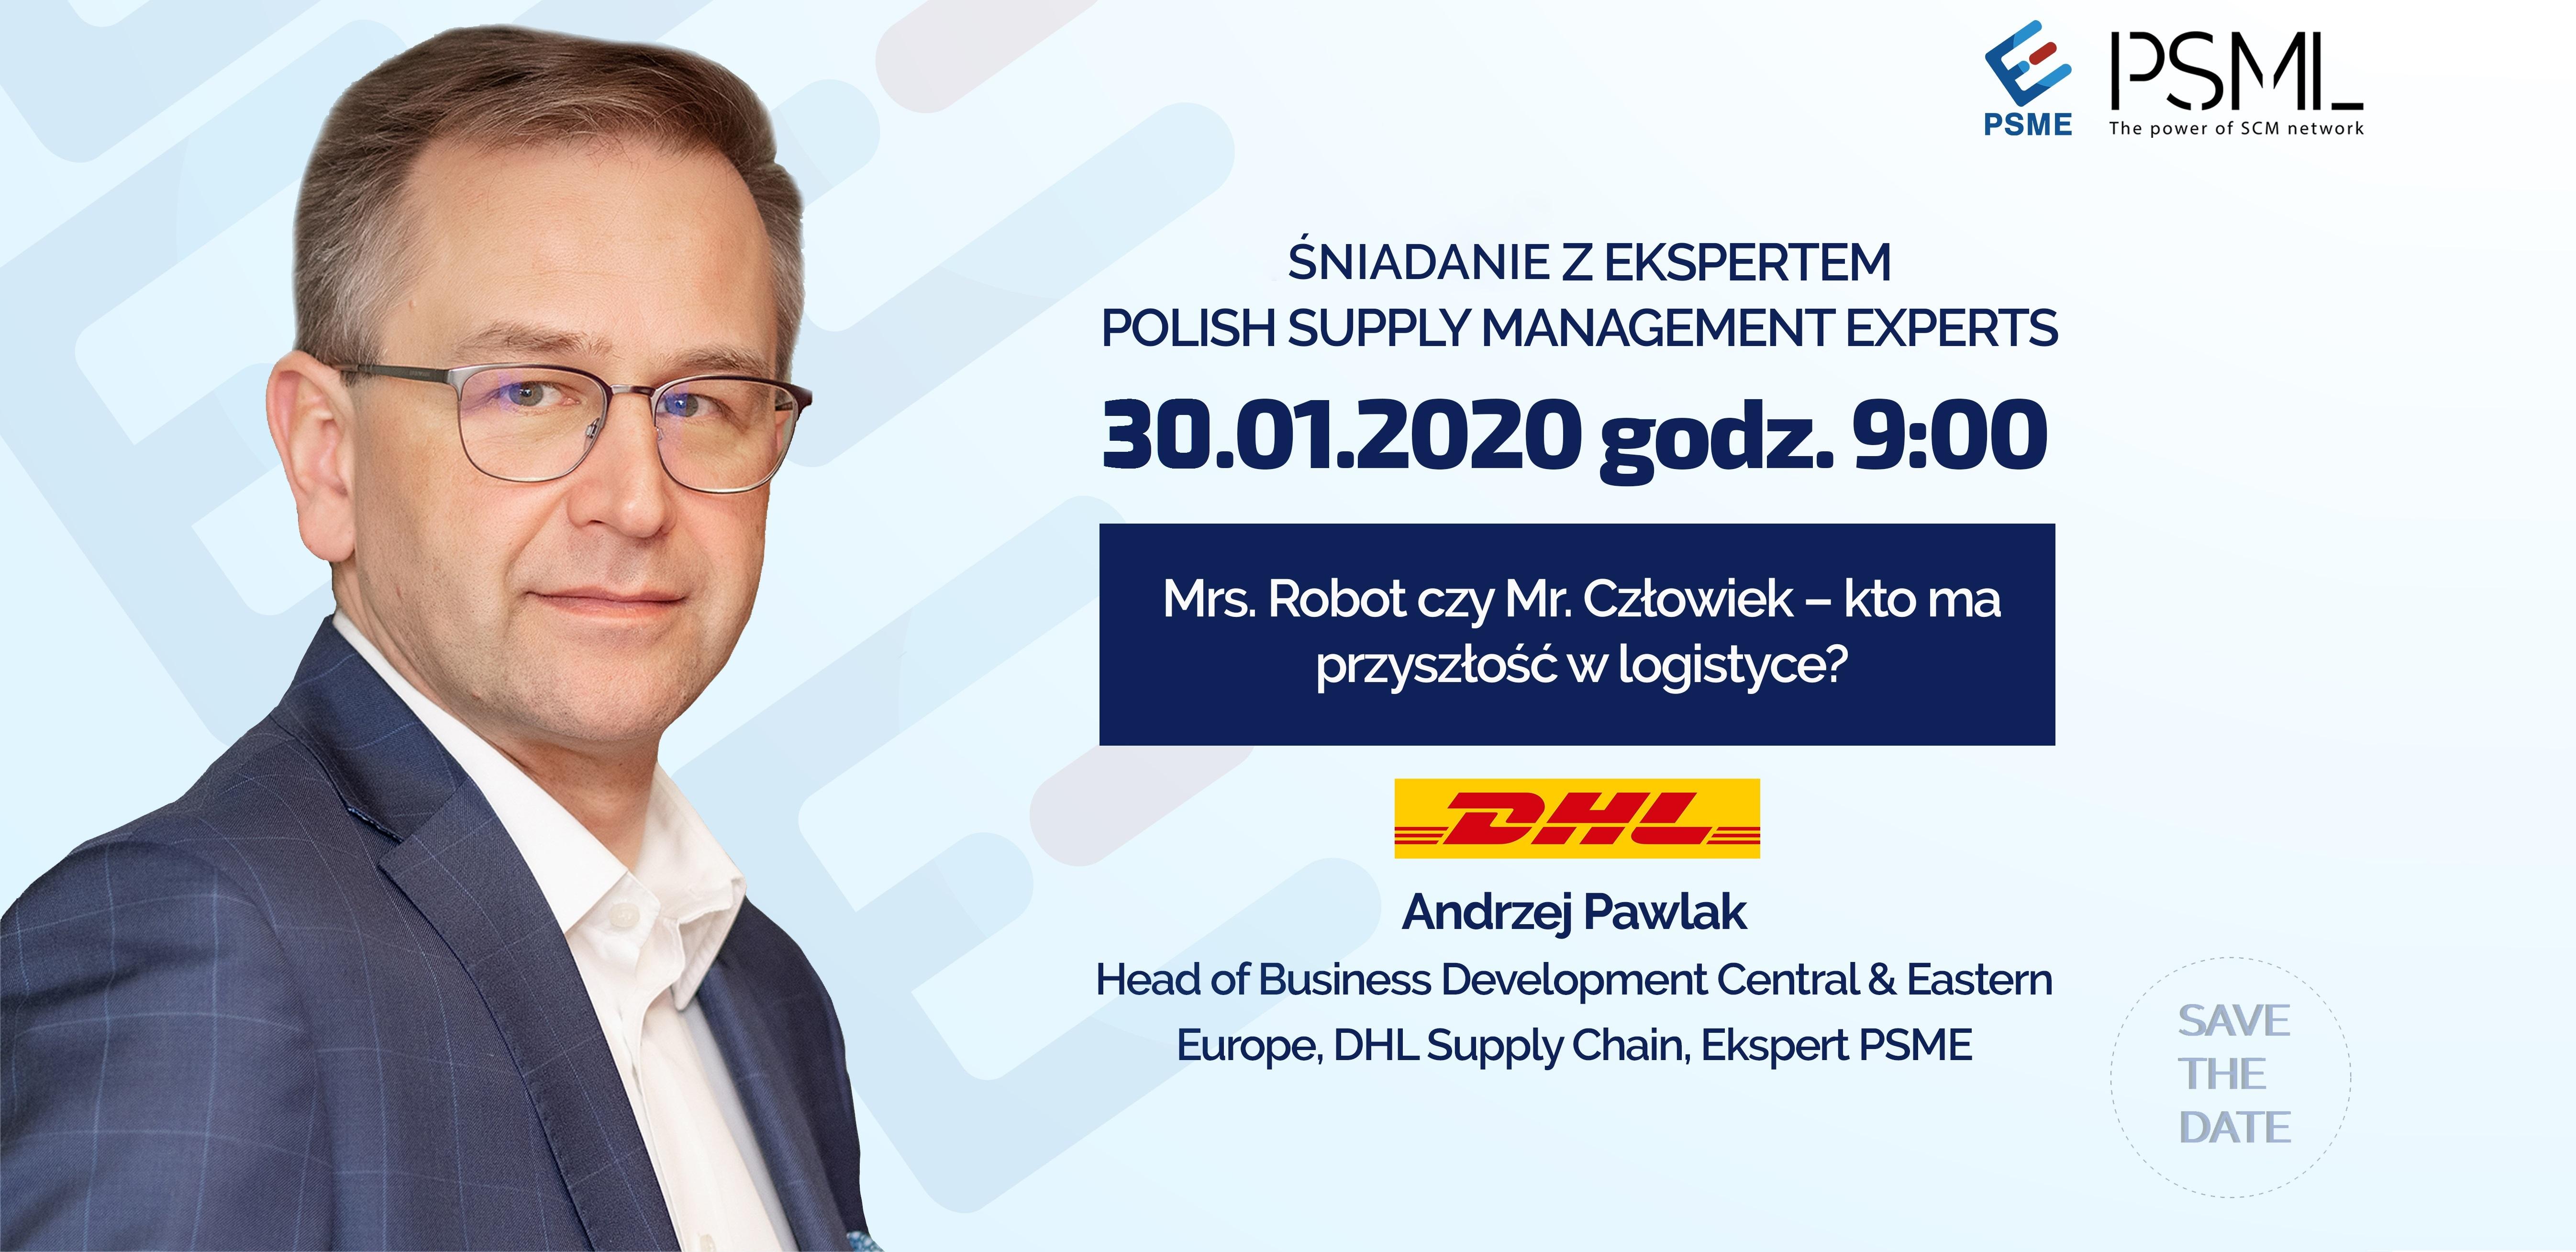 Mrs. Robot czy Mr. Człowiek – kto ma przyszłość w logistyce?